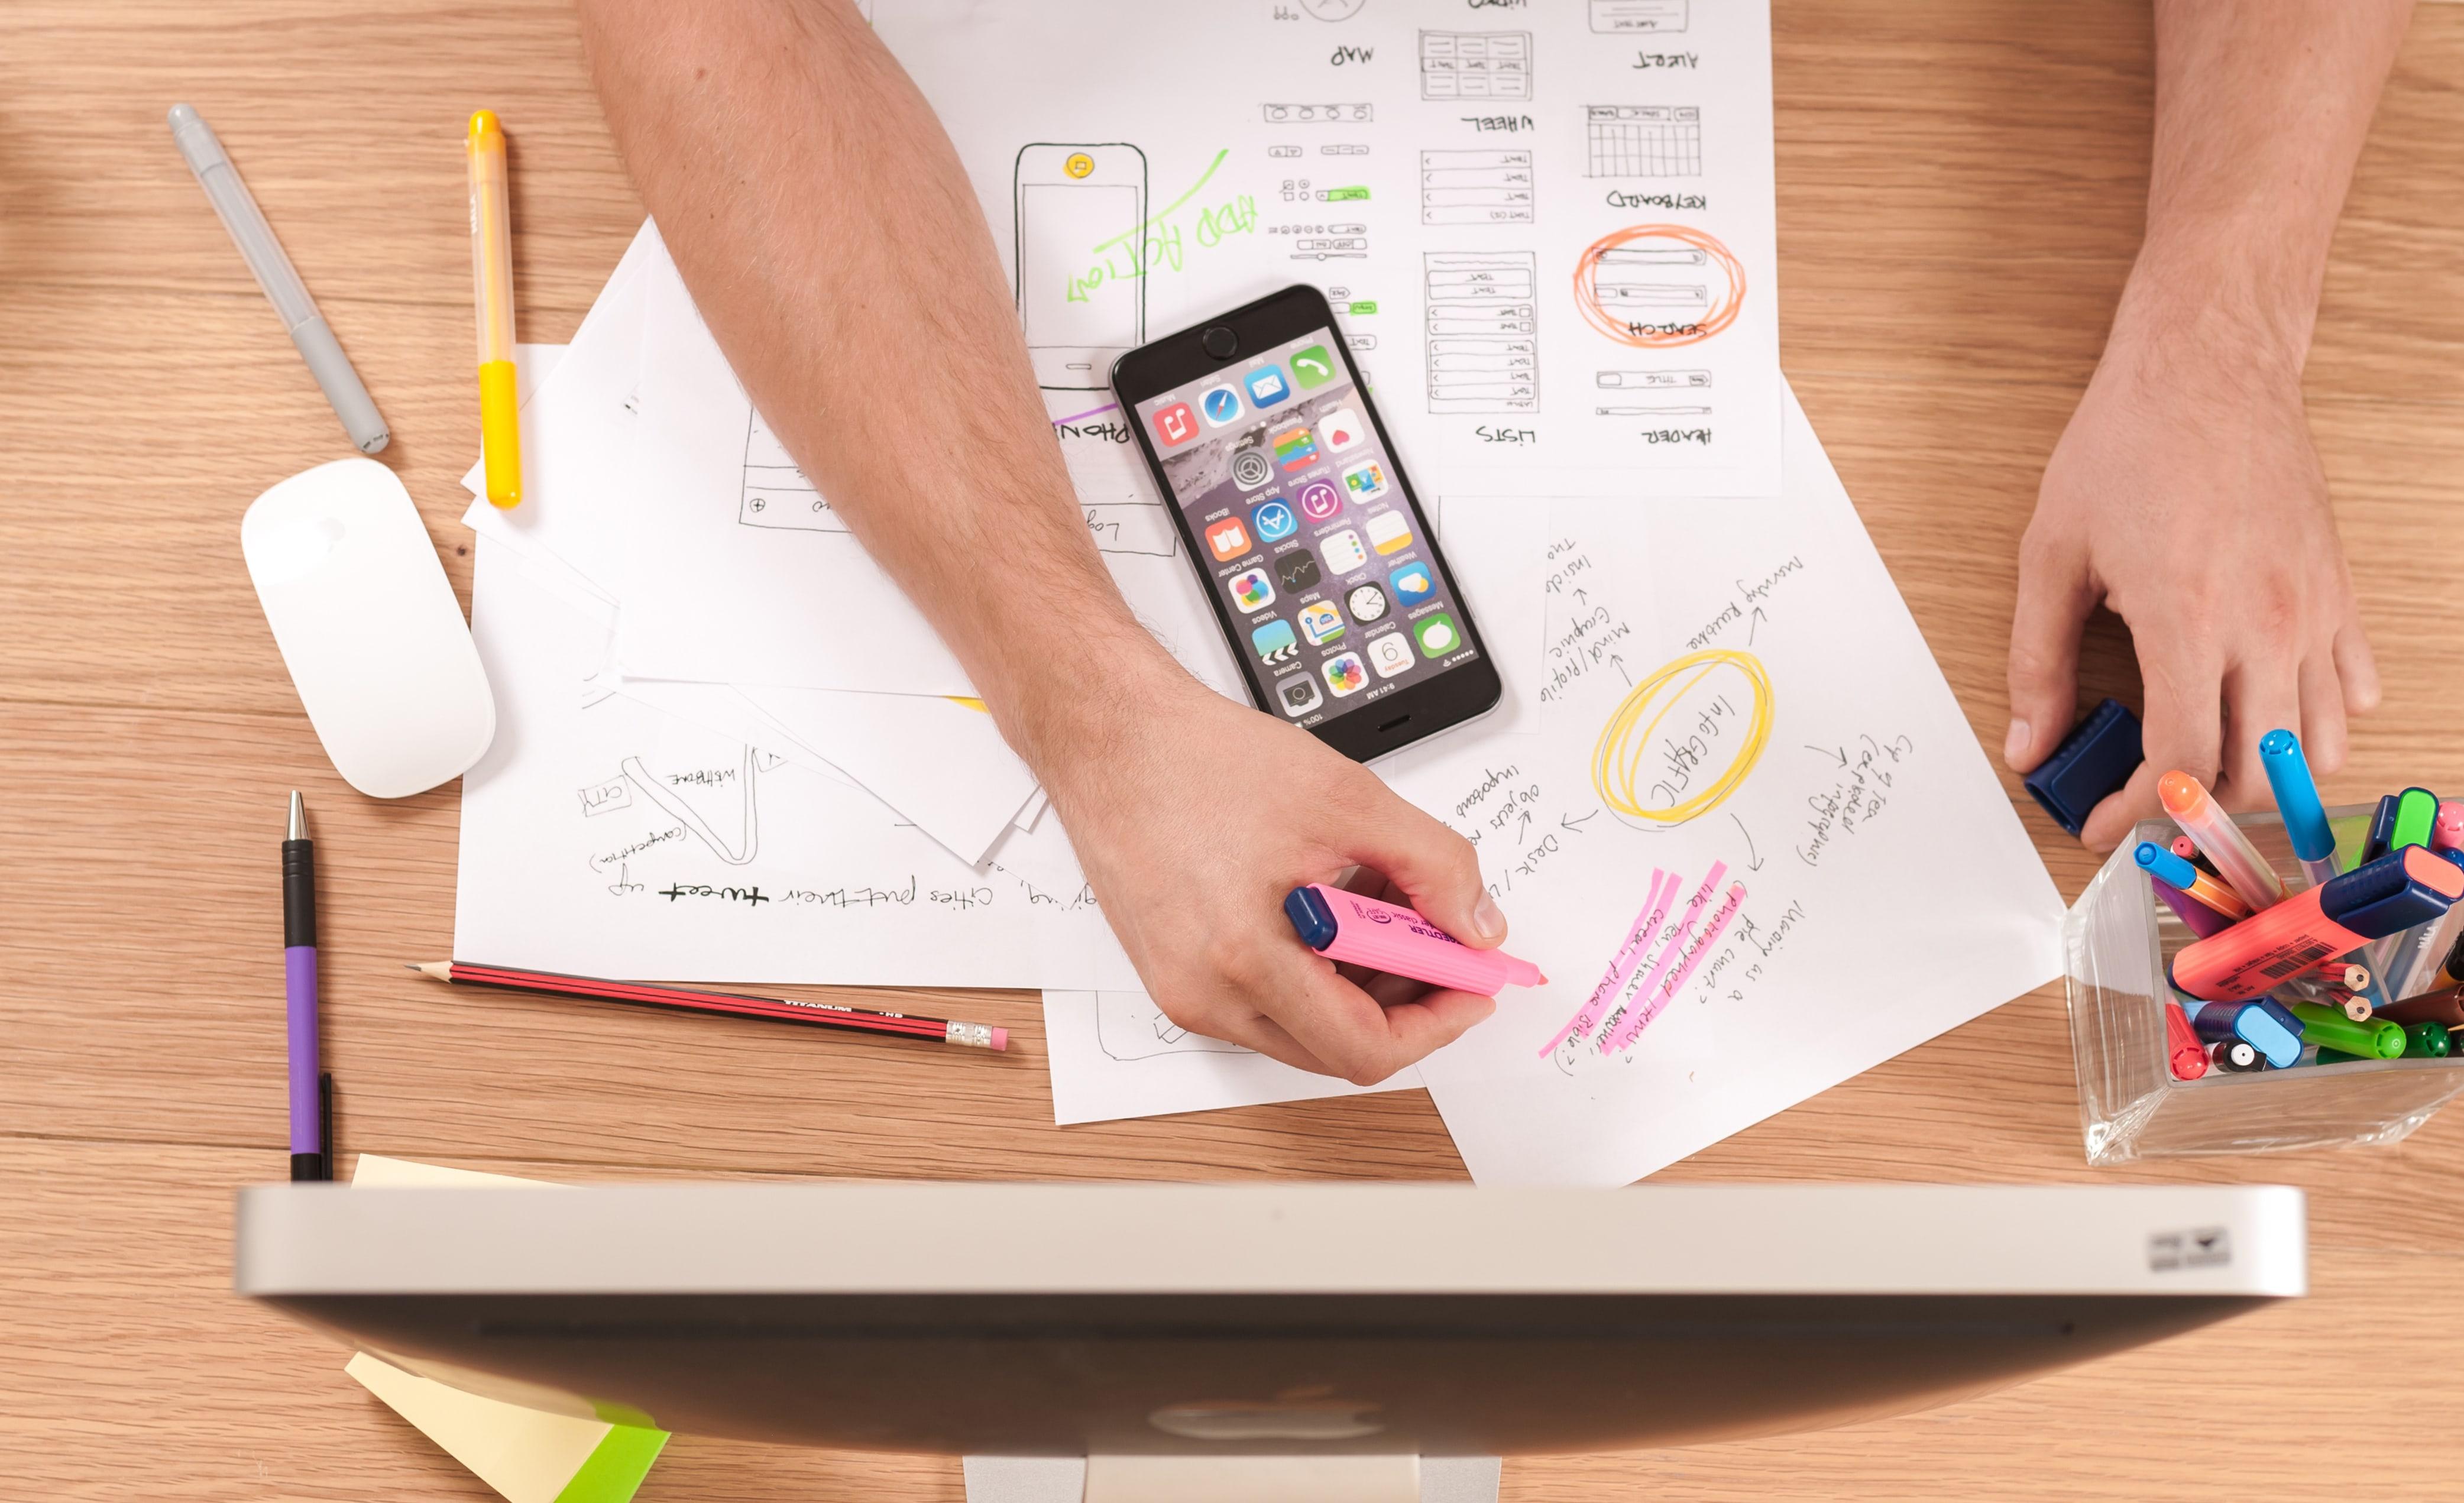 Quattro startup innovative da tenere in considerazione